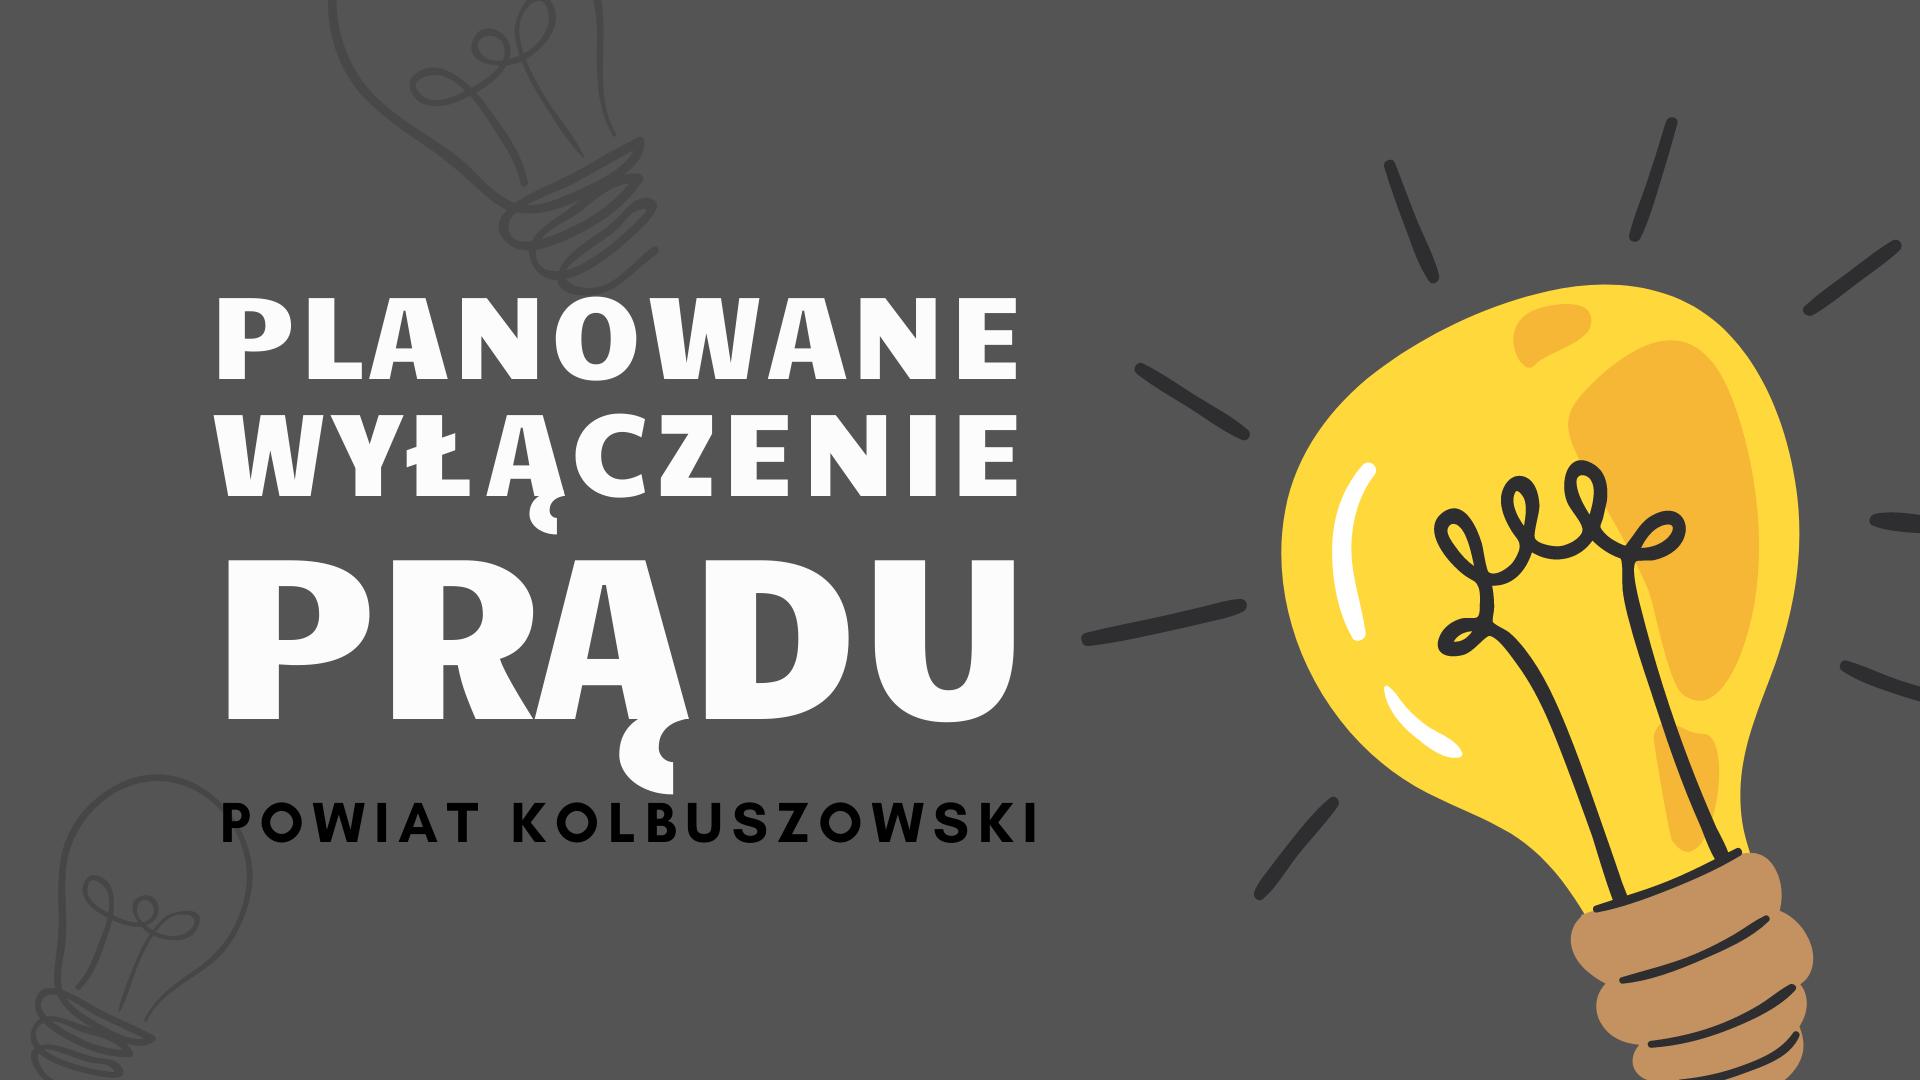 Brak prądu w lipcu w powiecie kolbuszowskim [AKTUALIZACJA] - Zdjęcie główne